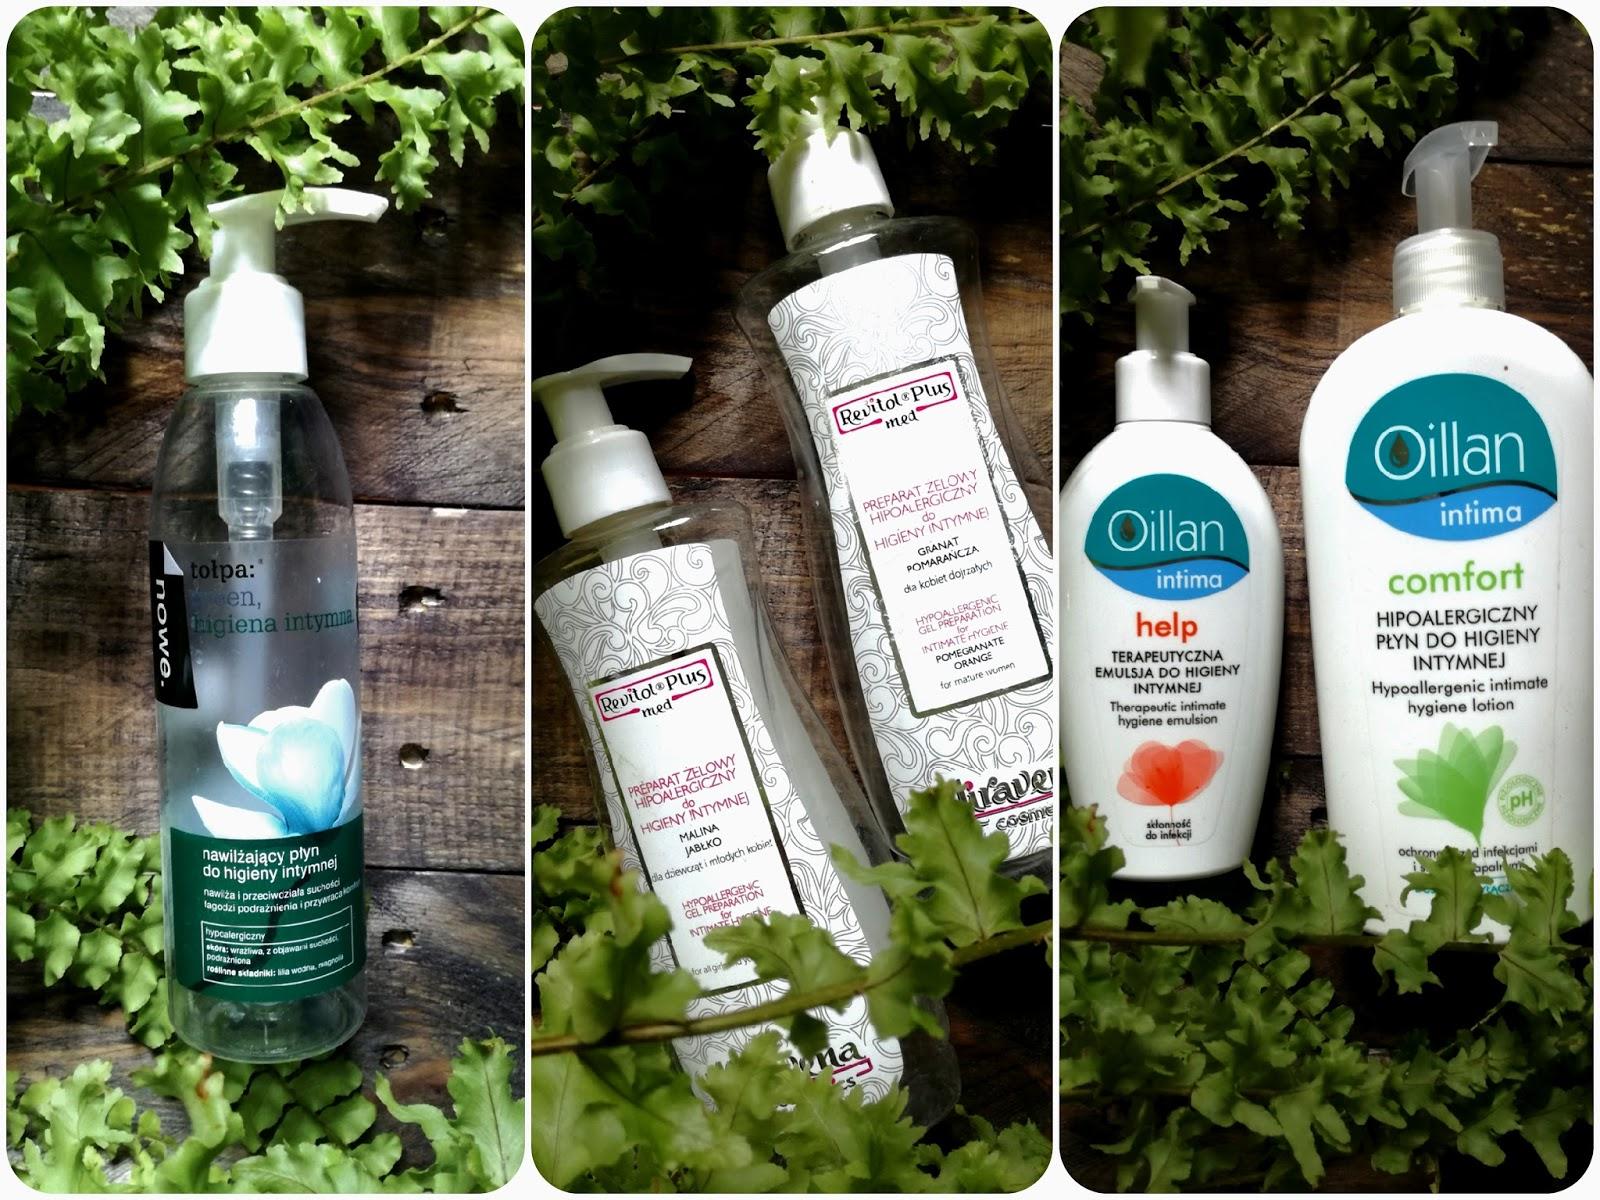 Preparaty do higieny intymnej: czym kierować się przy wyborze? Produkty których używam : Tołpa, Oillan, Miravena